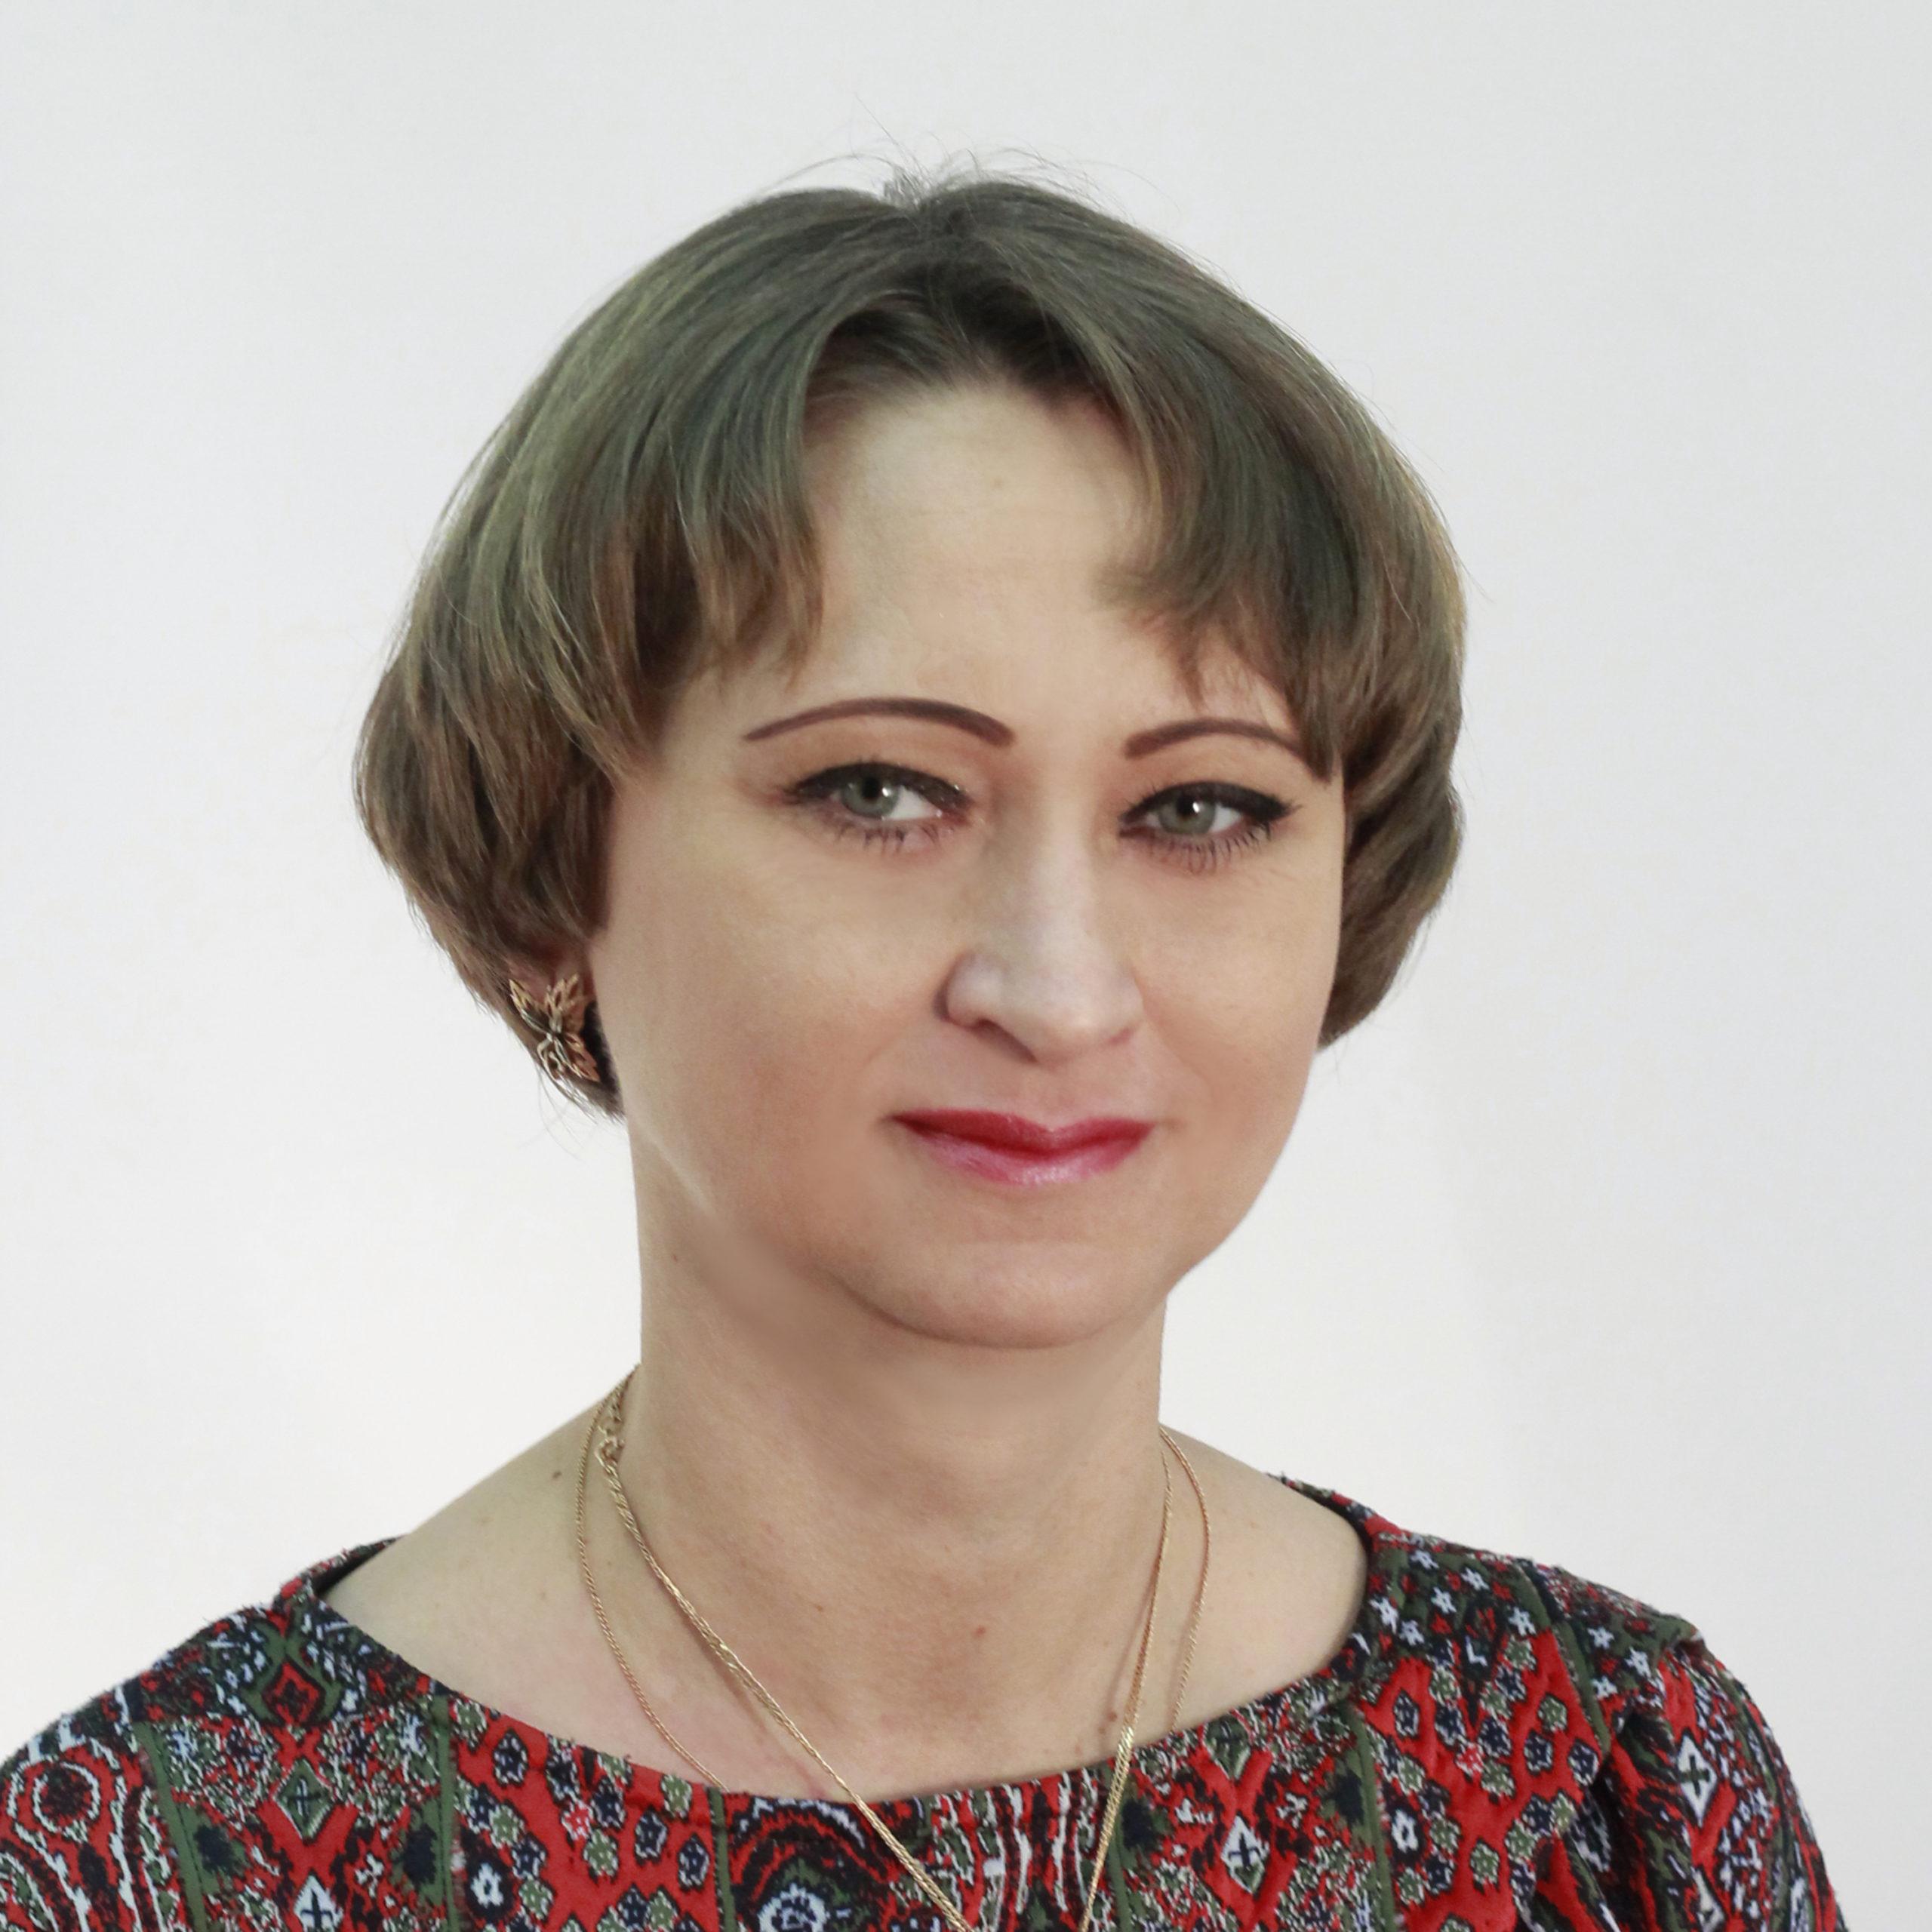 Федорова Елена Юрьевна